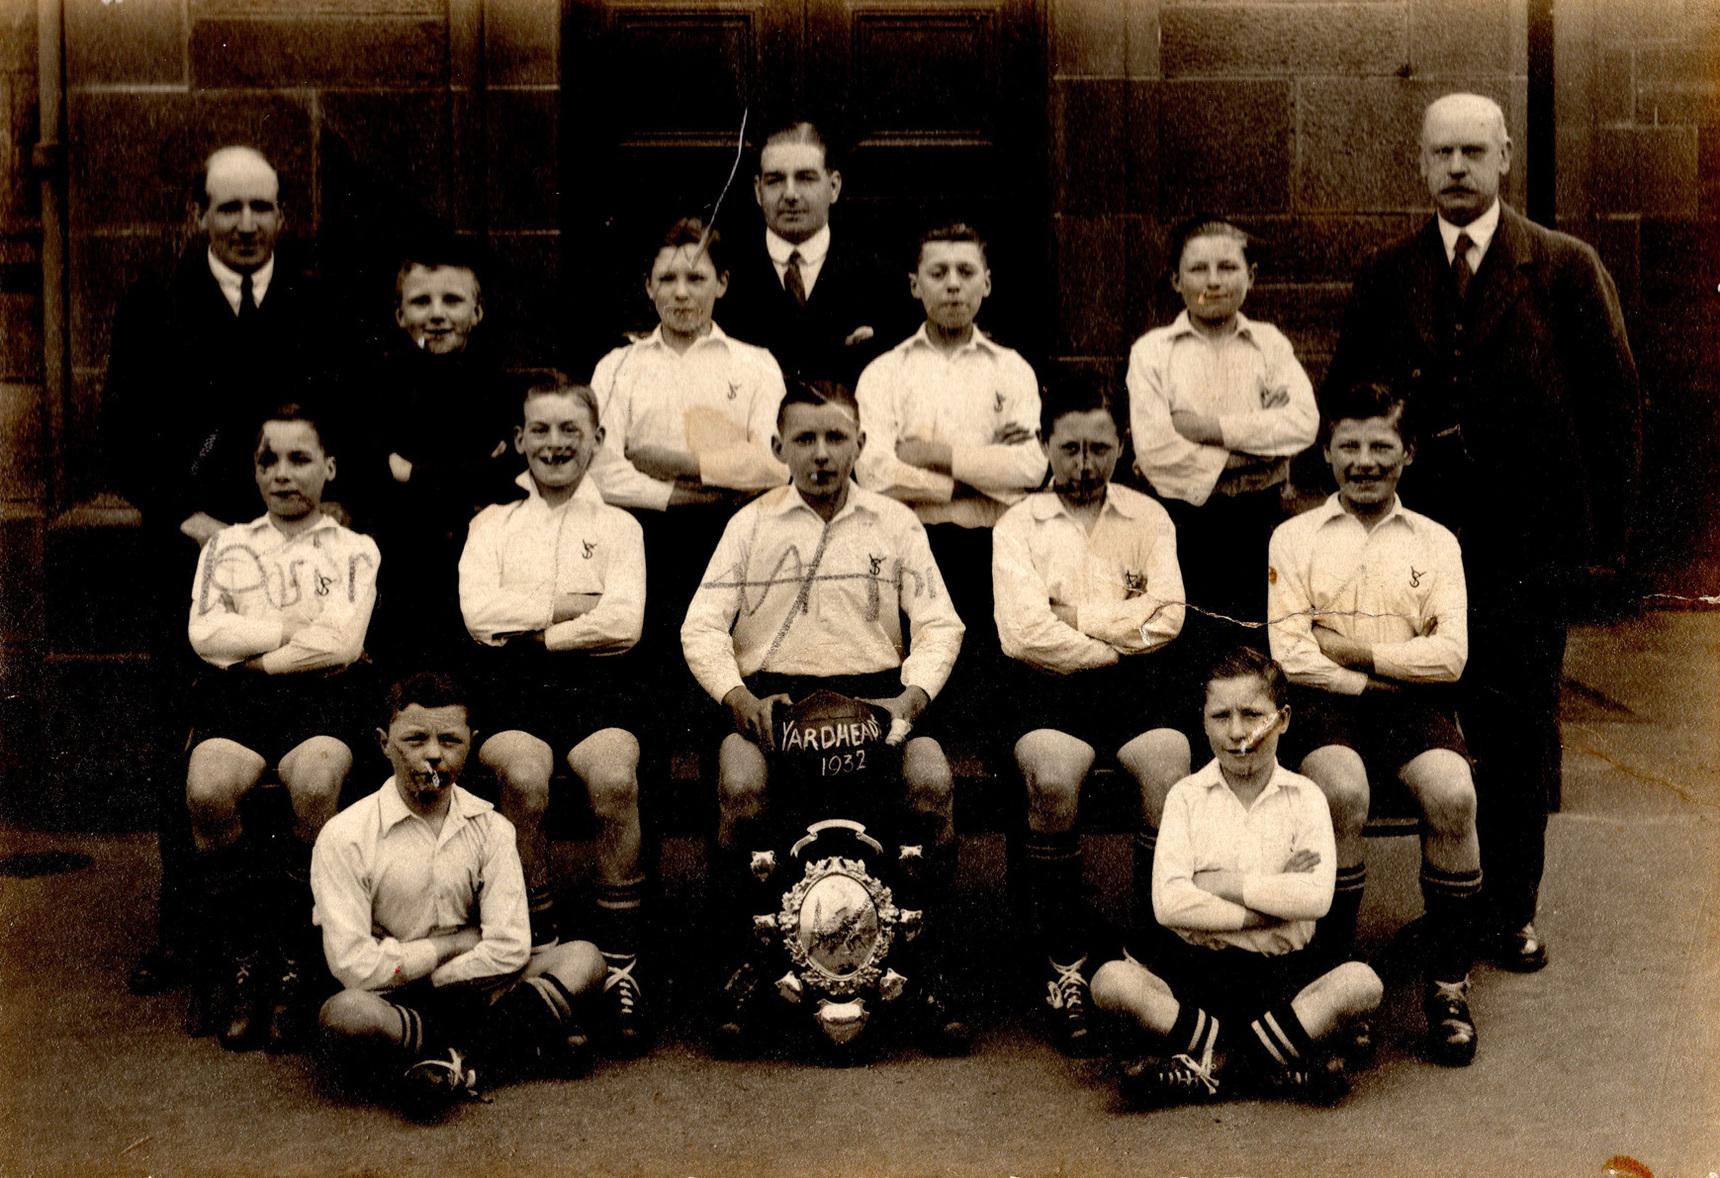 Yardheads School Football Team 1932